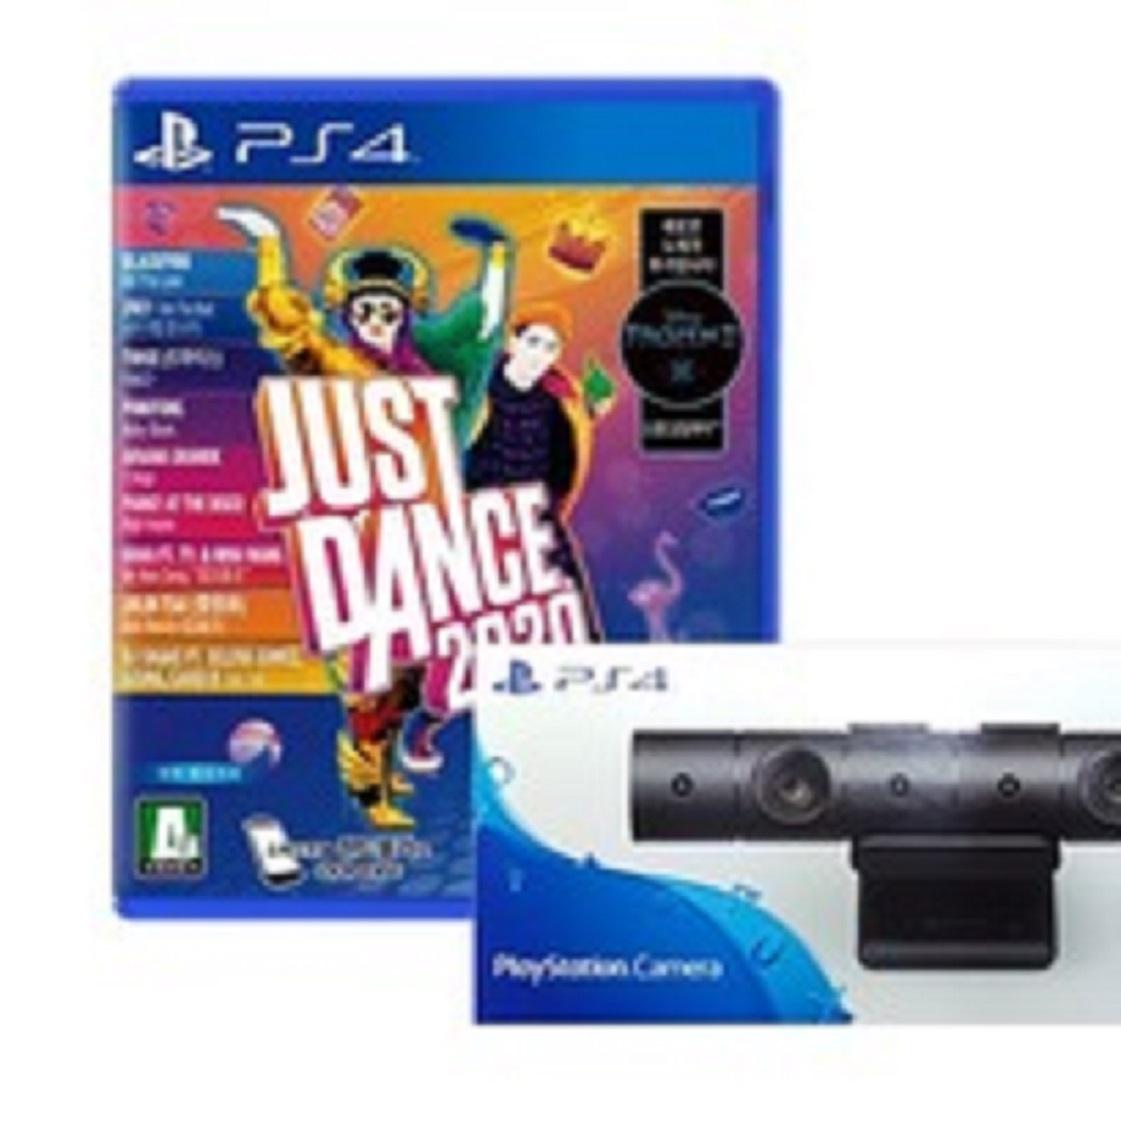 PS4 저스트댄스 2020 새제품 + ps4 카메라, PS4 저스트댄스 2020 새제품 + ps4 카메라 새제품